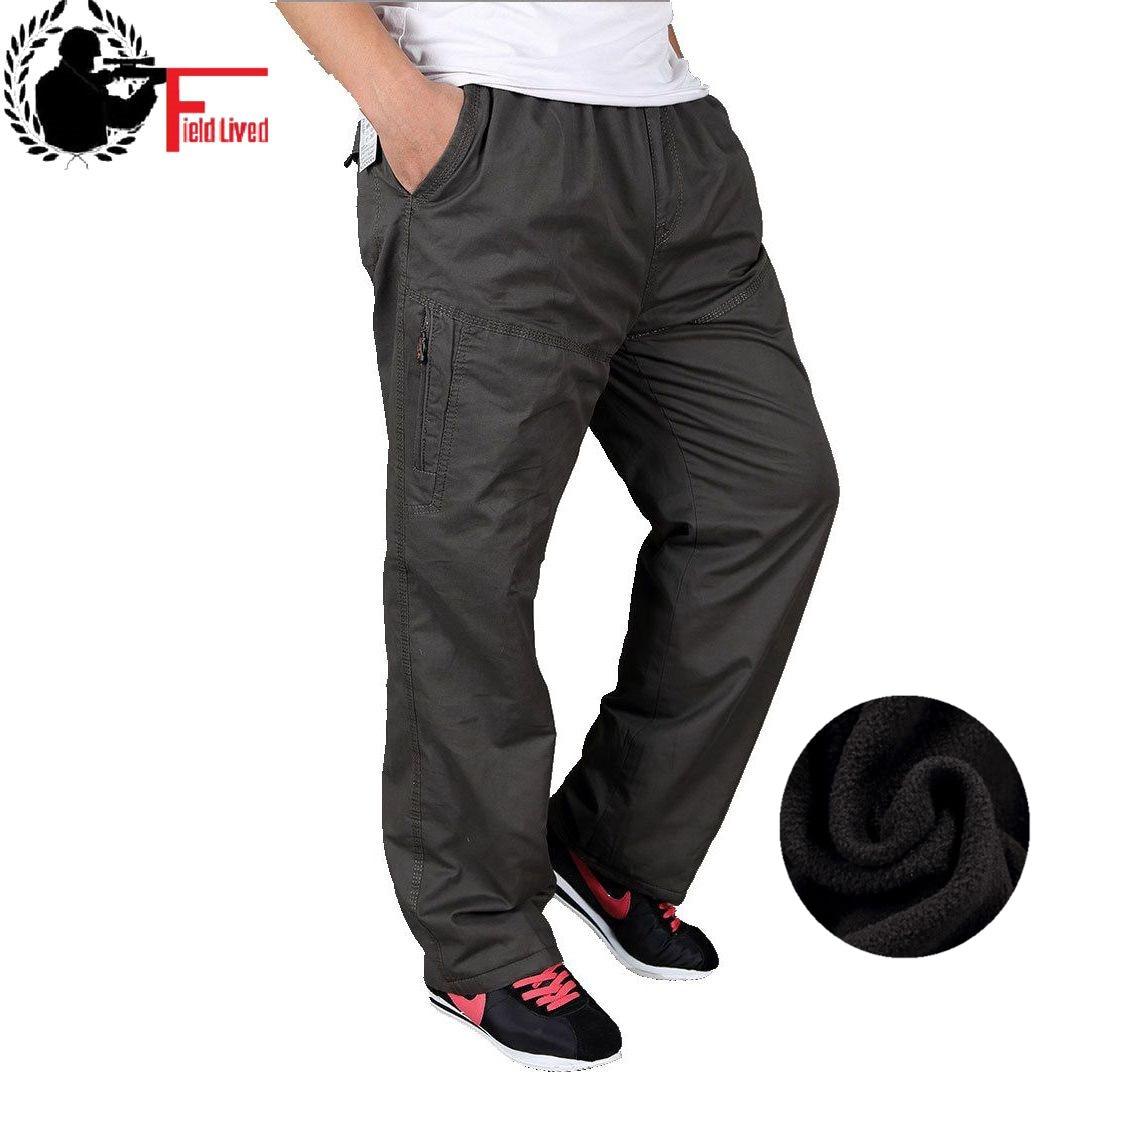 2er Pack Homme en survêtement Noir Pantalon Grand Tailles 4xl 5xl 6xl 7xl grande taille